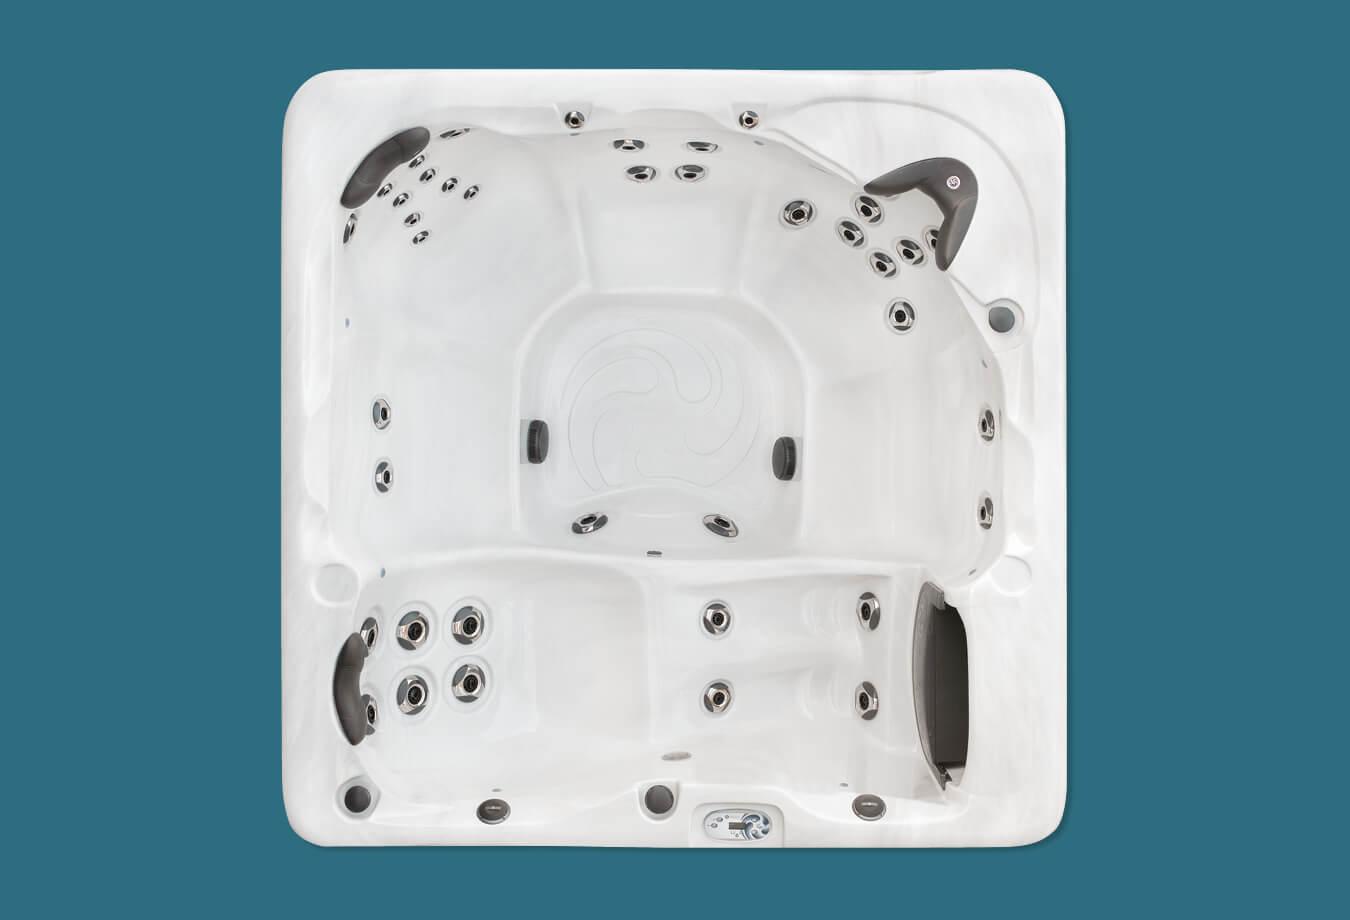 Spa Aquilus modèle 271 - spa familial 6 places